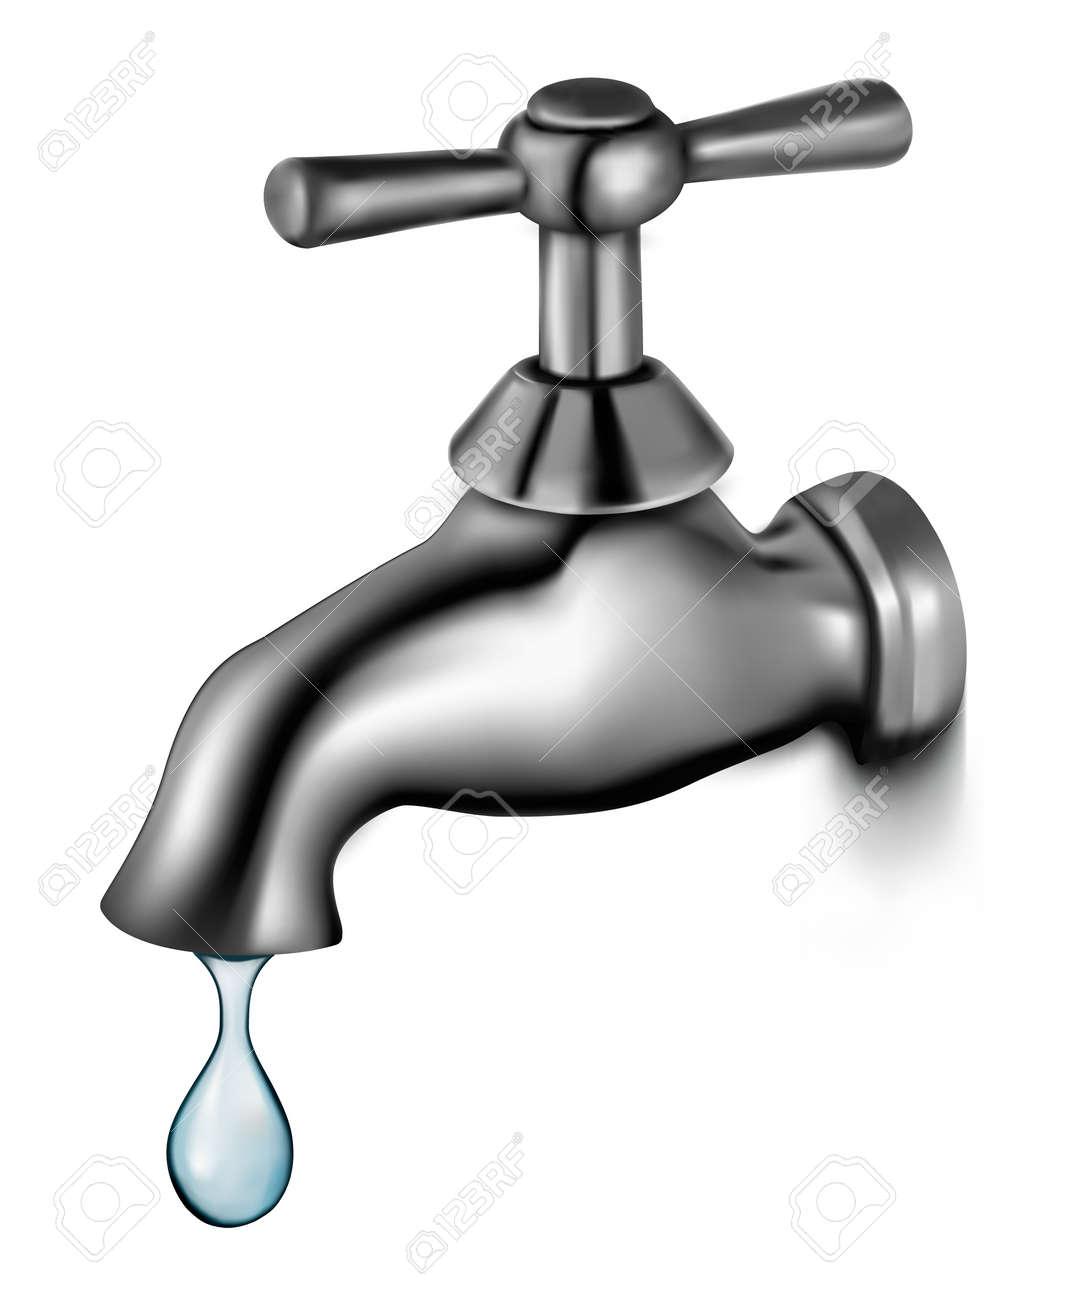 Image result for кран водопроводный на английском